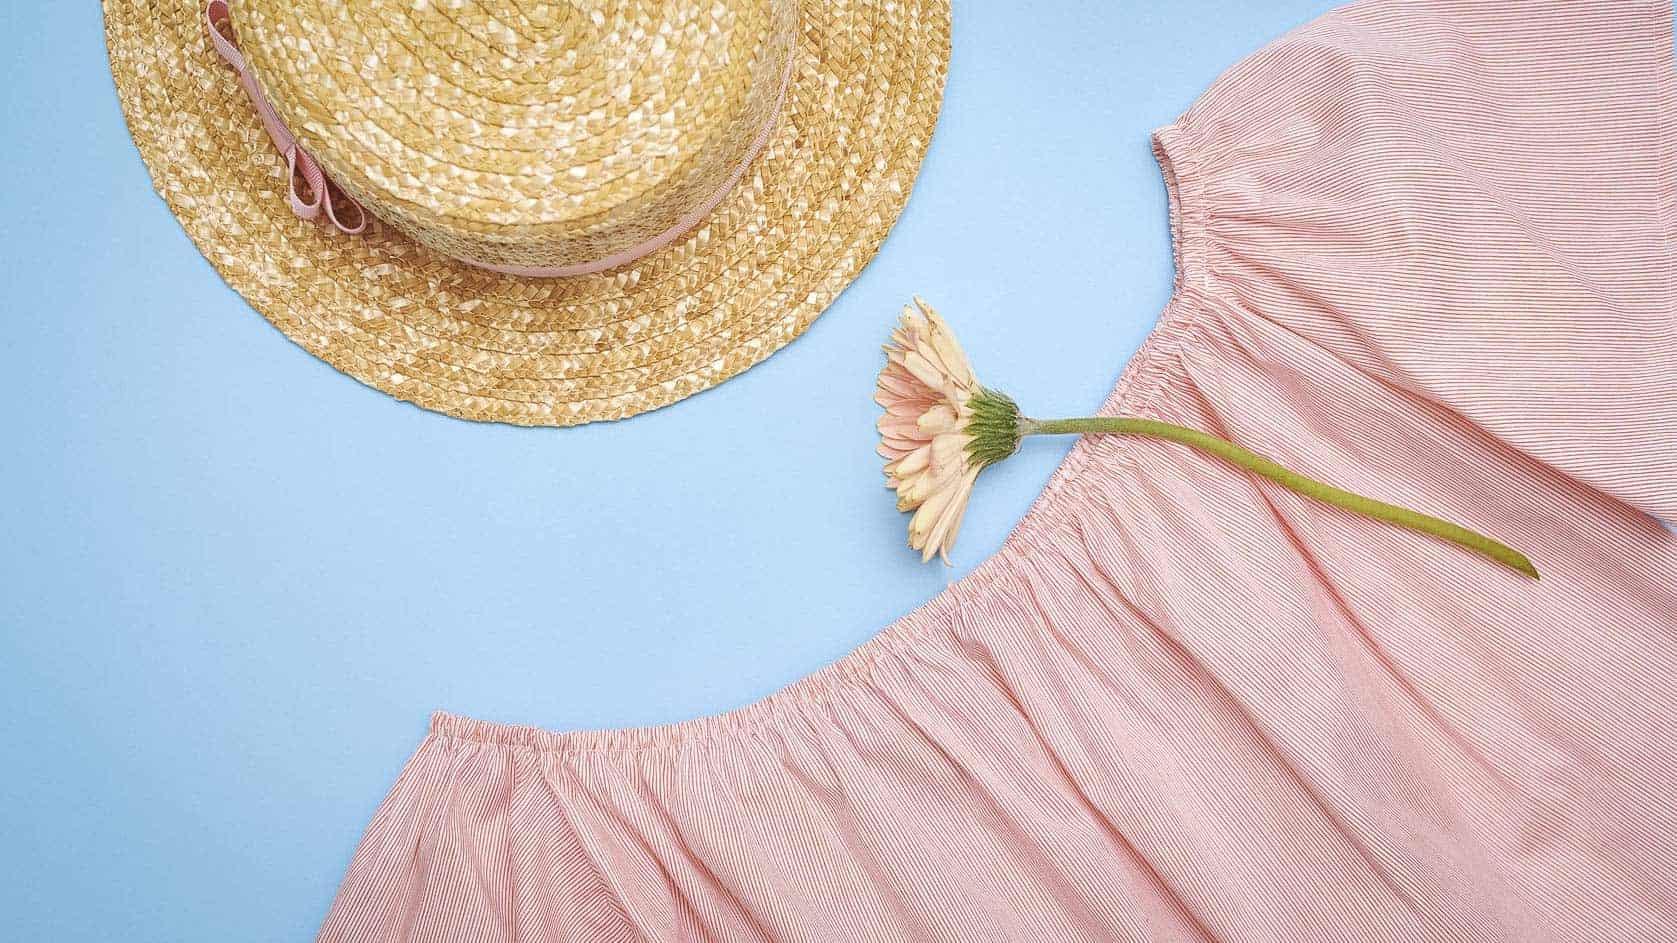 comment s'habiller en été, comment s'habiller en été femme, comment s'habiller quand il fait 20°, s'habiller en été, comment s'habiller en ete, comment s'habiller pour l'été, comment s'habiller cet été, comment s'habiller quand il est fait chaud, comment s'habiller au printemps